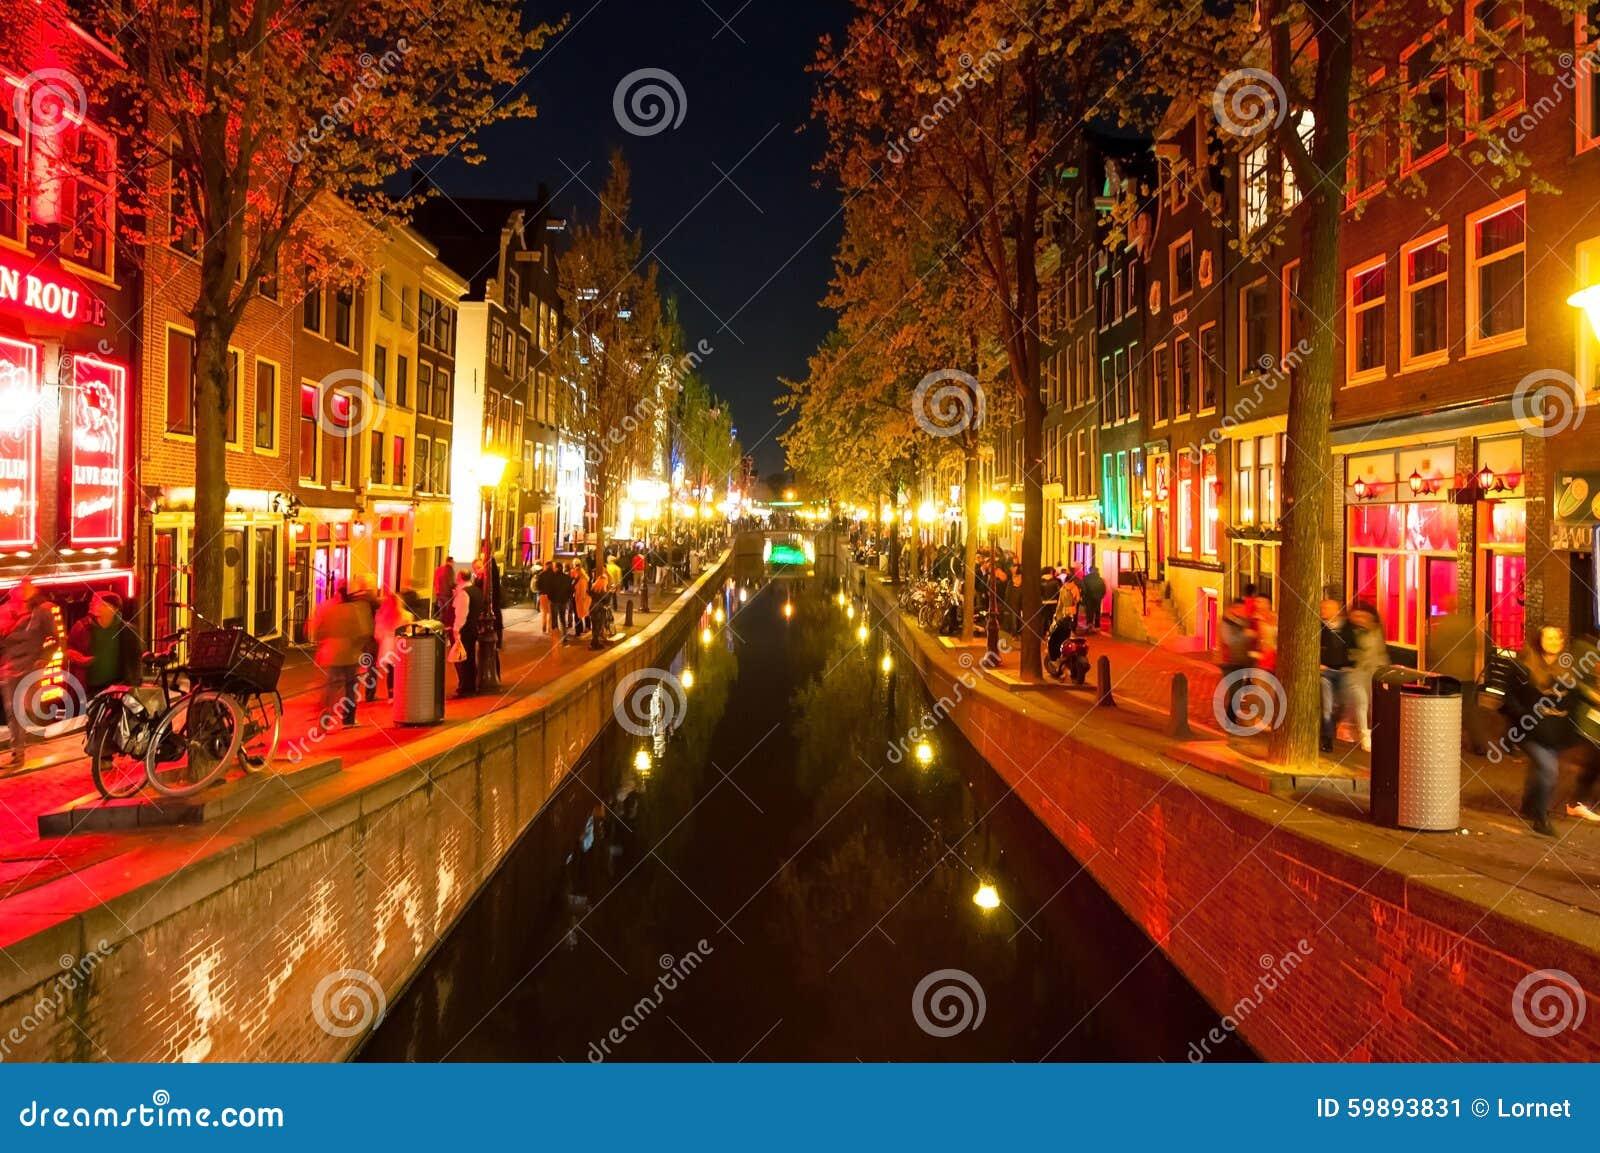 https://thumbs.dreamstime.com/z/rood-lichtdistrict-wallen-bij-nacht-amsterdam-nederland-59893831.jpg